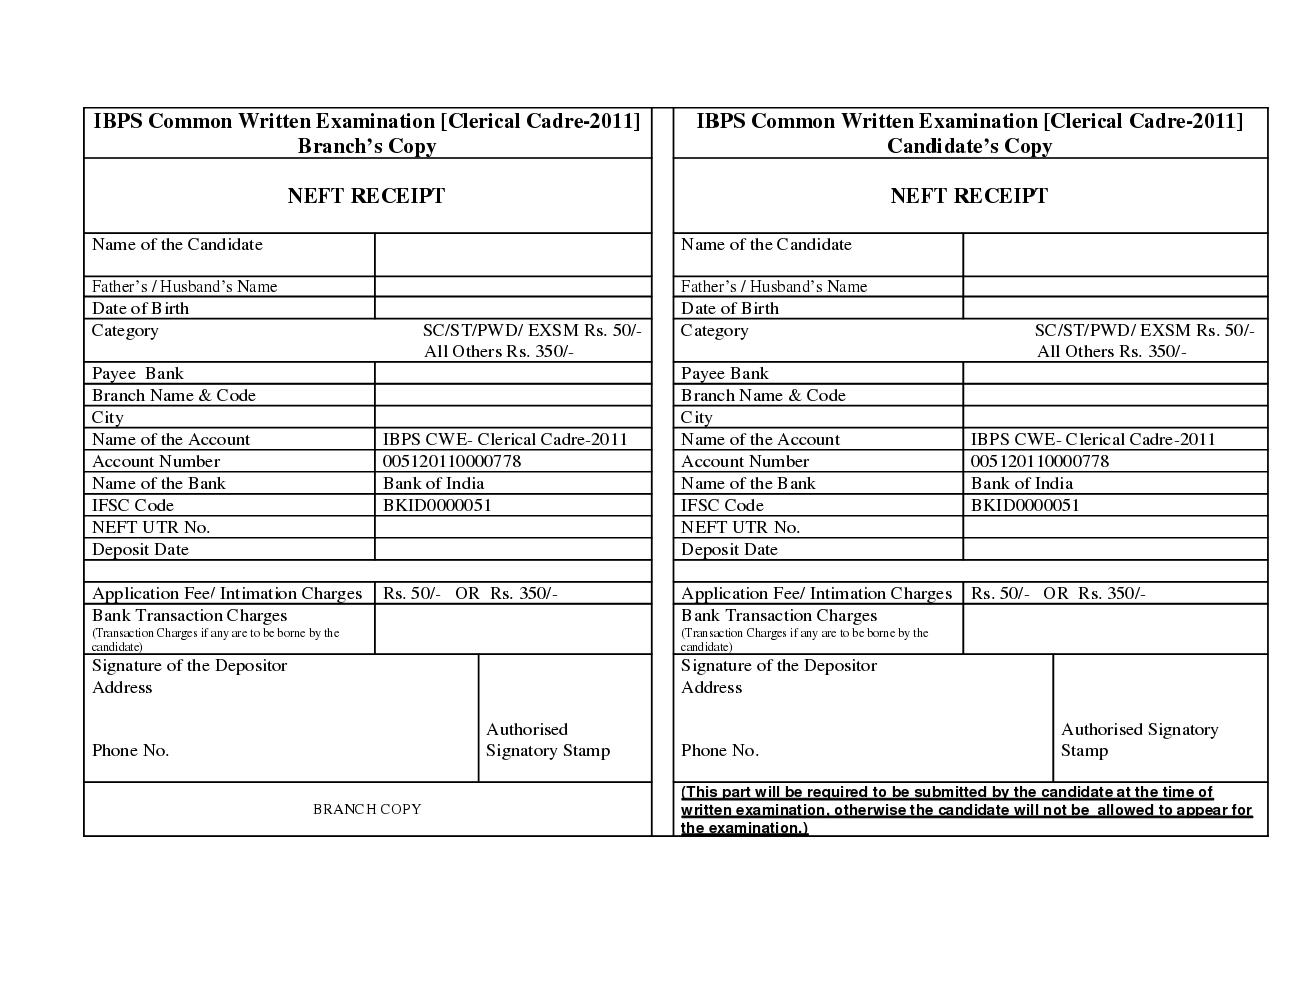 sbi associate bank clerk recruitment 2012 challan form download